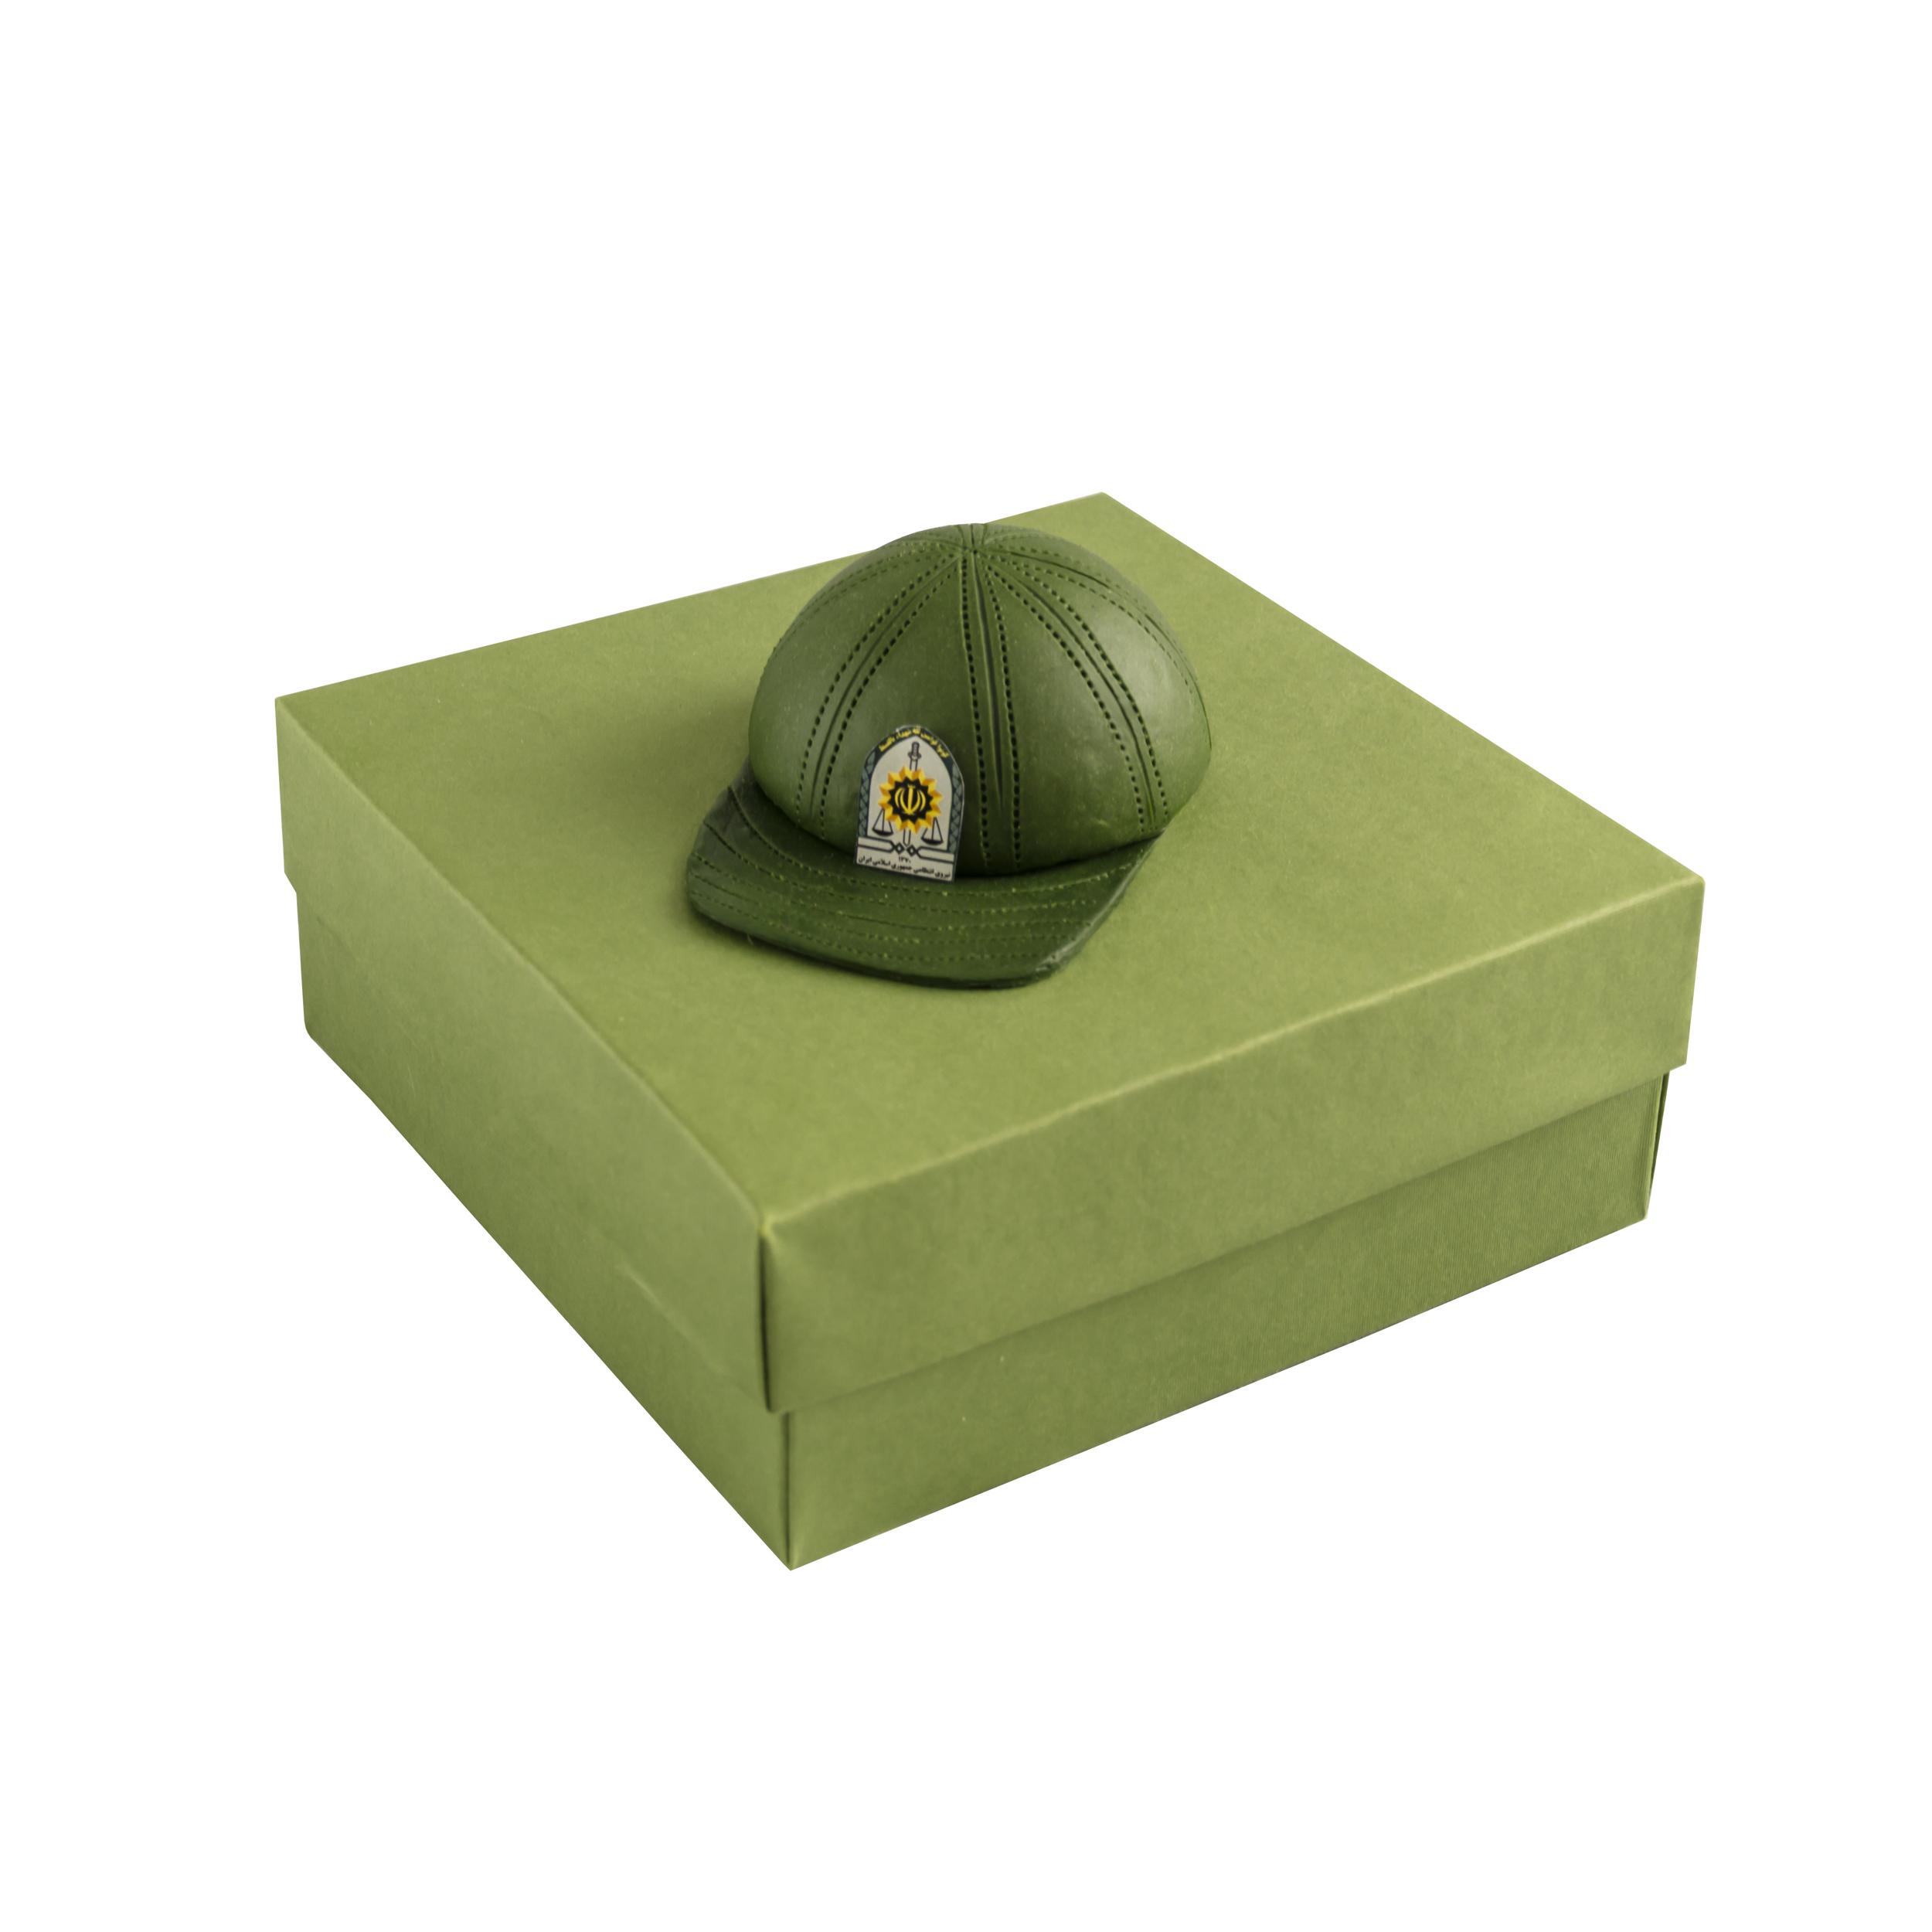 جعبه هدیه جعبه های رنگی رنگی توپک طرح سرباز کد E-001